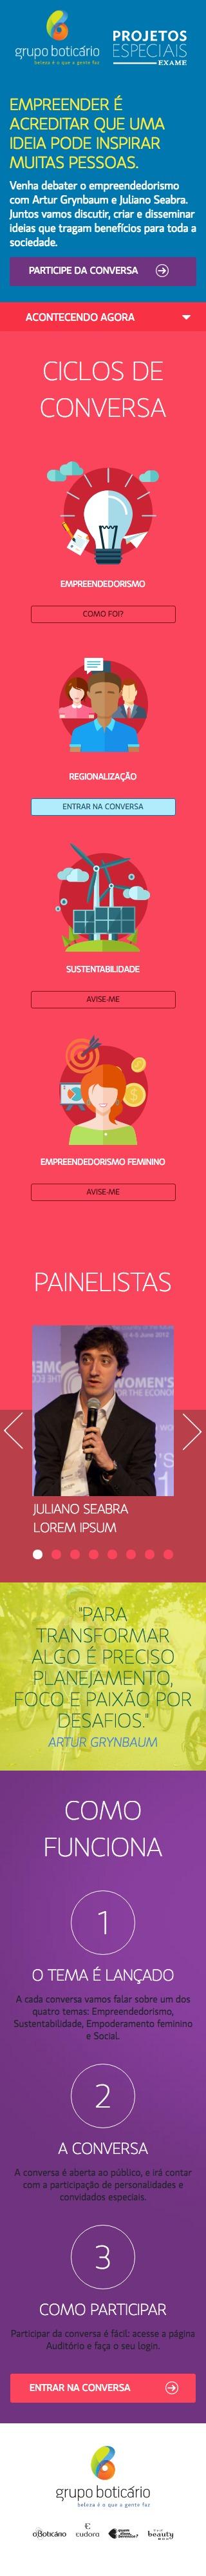 Plataforma de Debate Grupo Boticário - 028.jpg